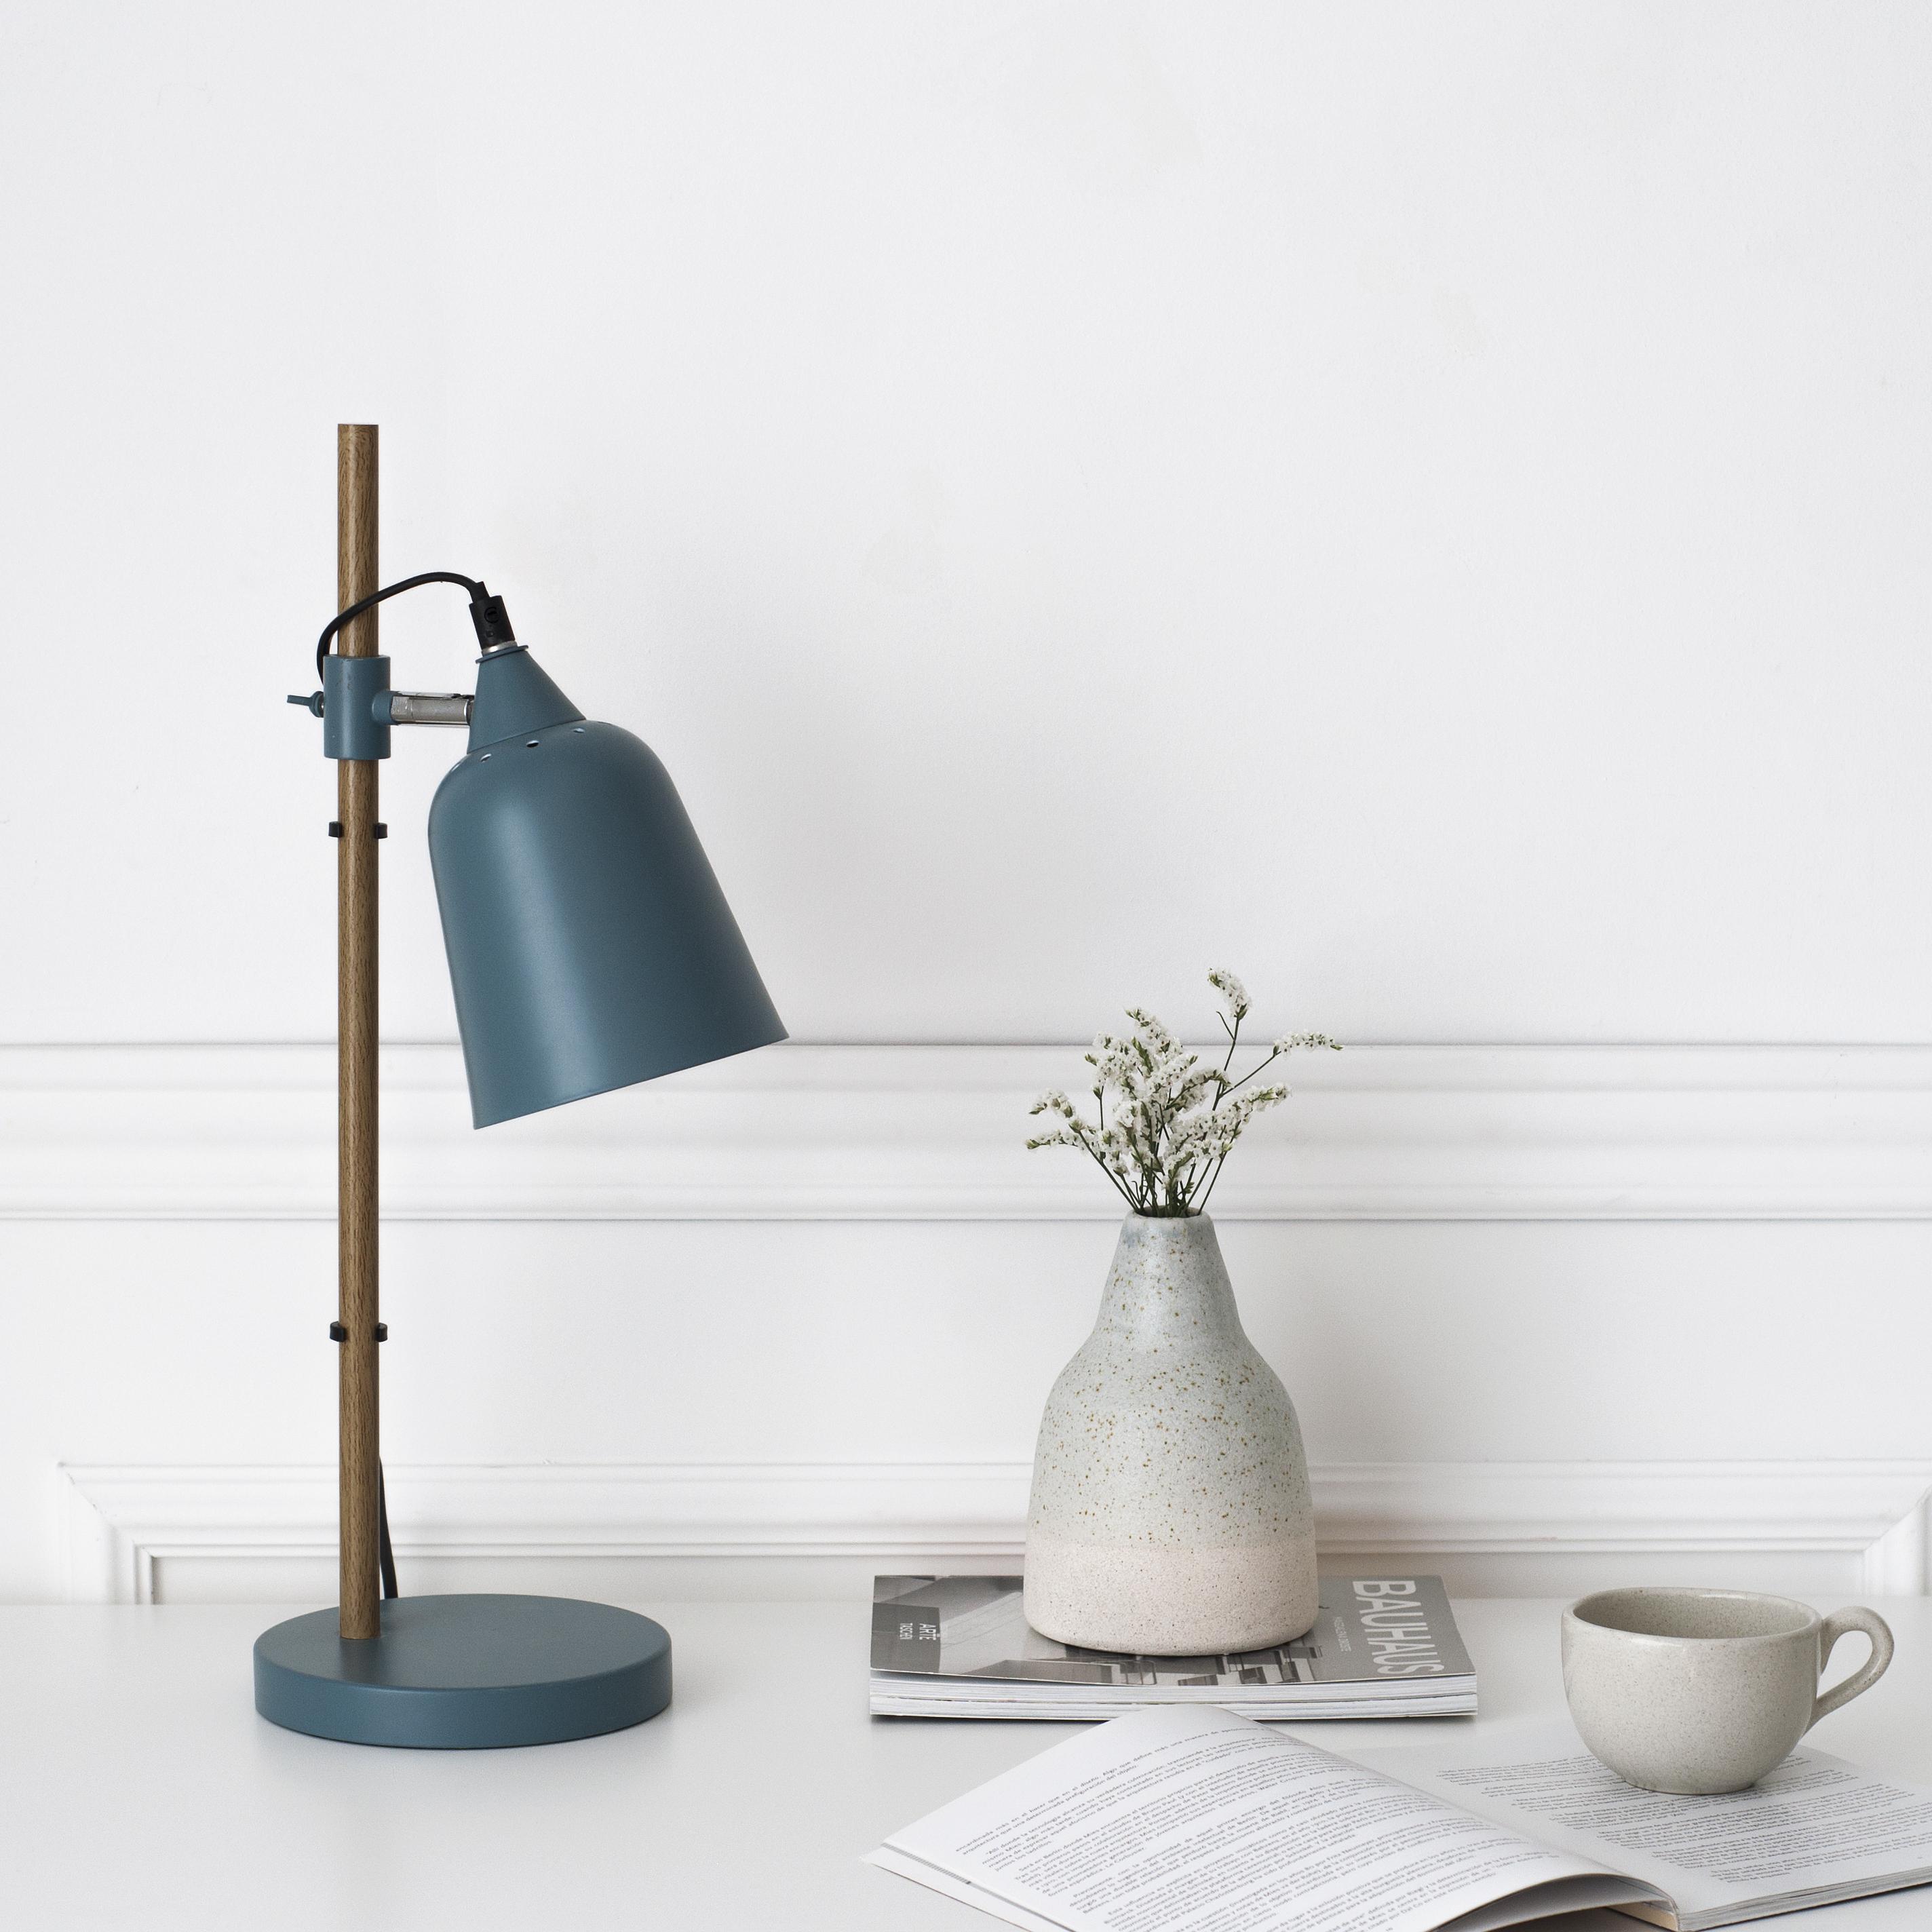 KP-1265AZ Crom lámpara de mesa azul 01